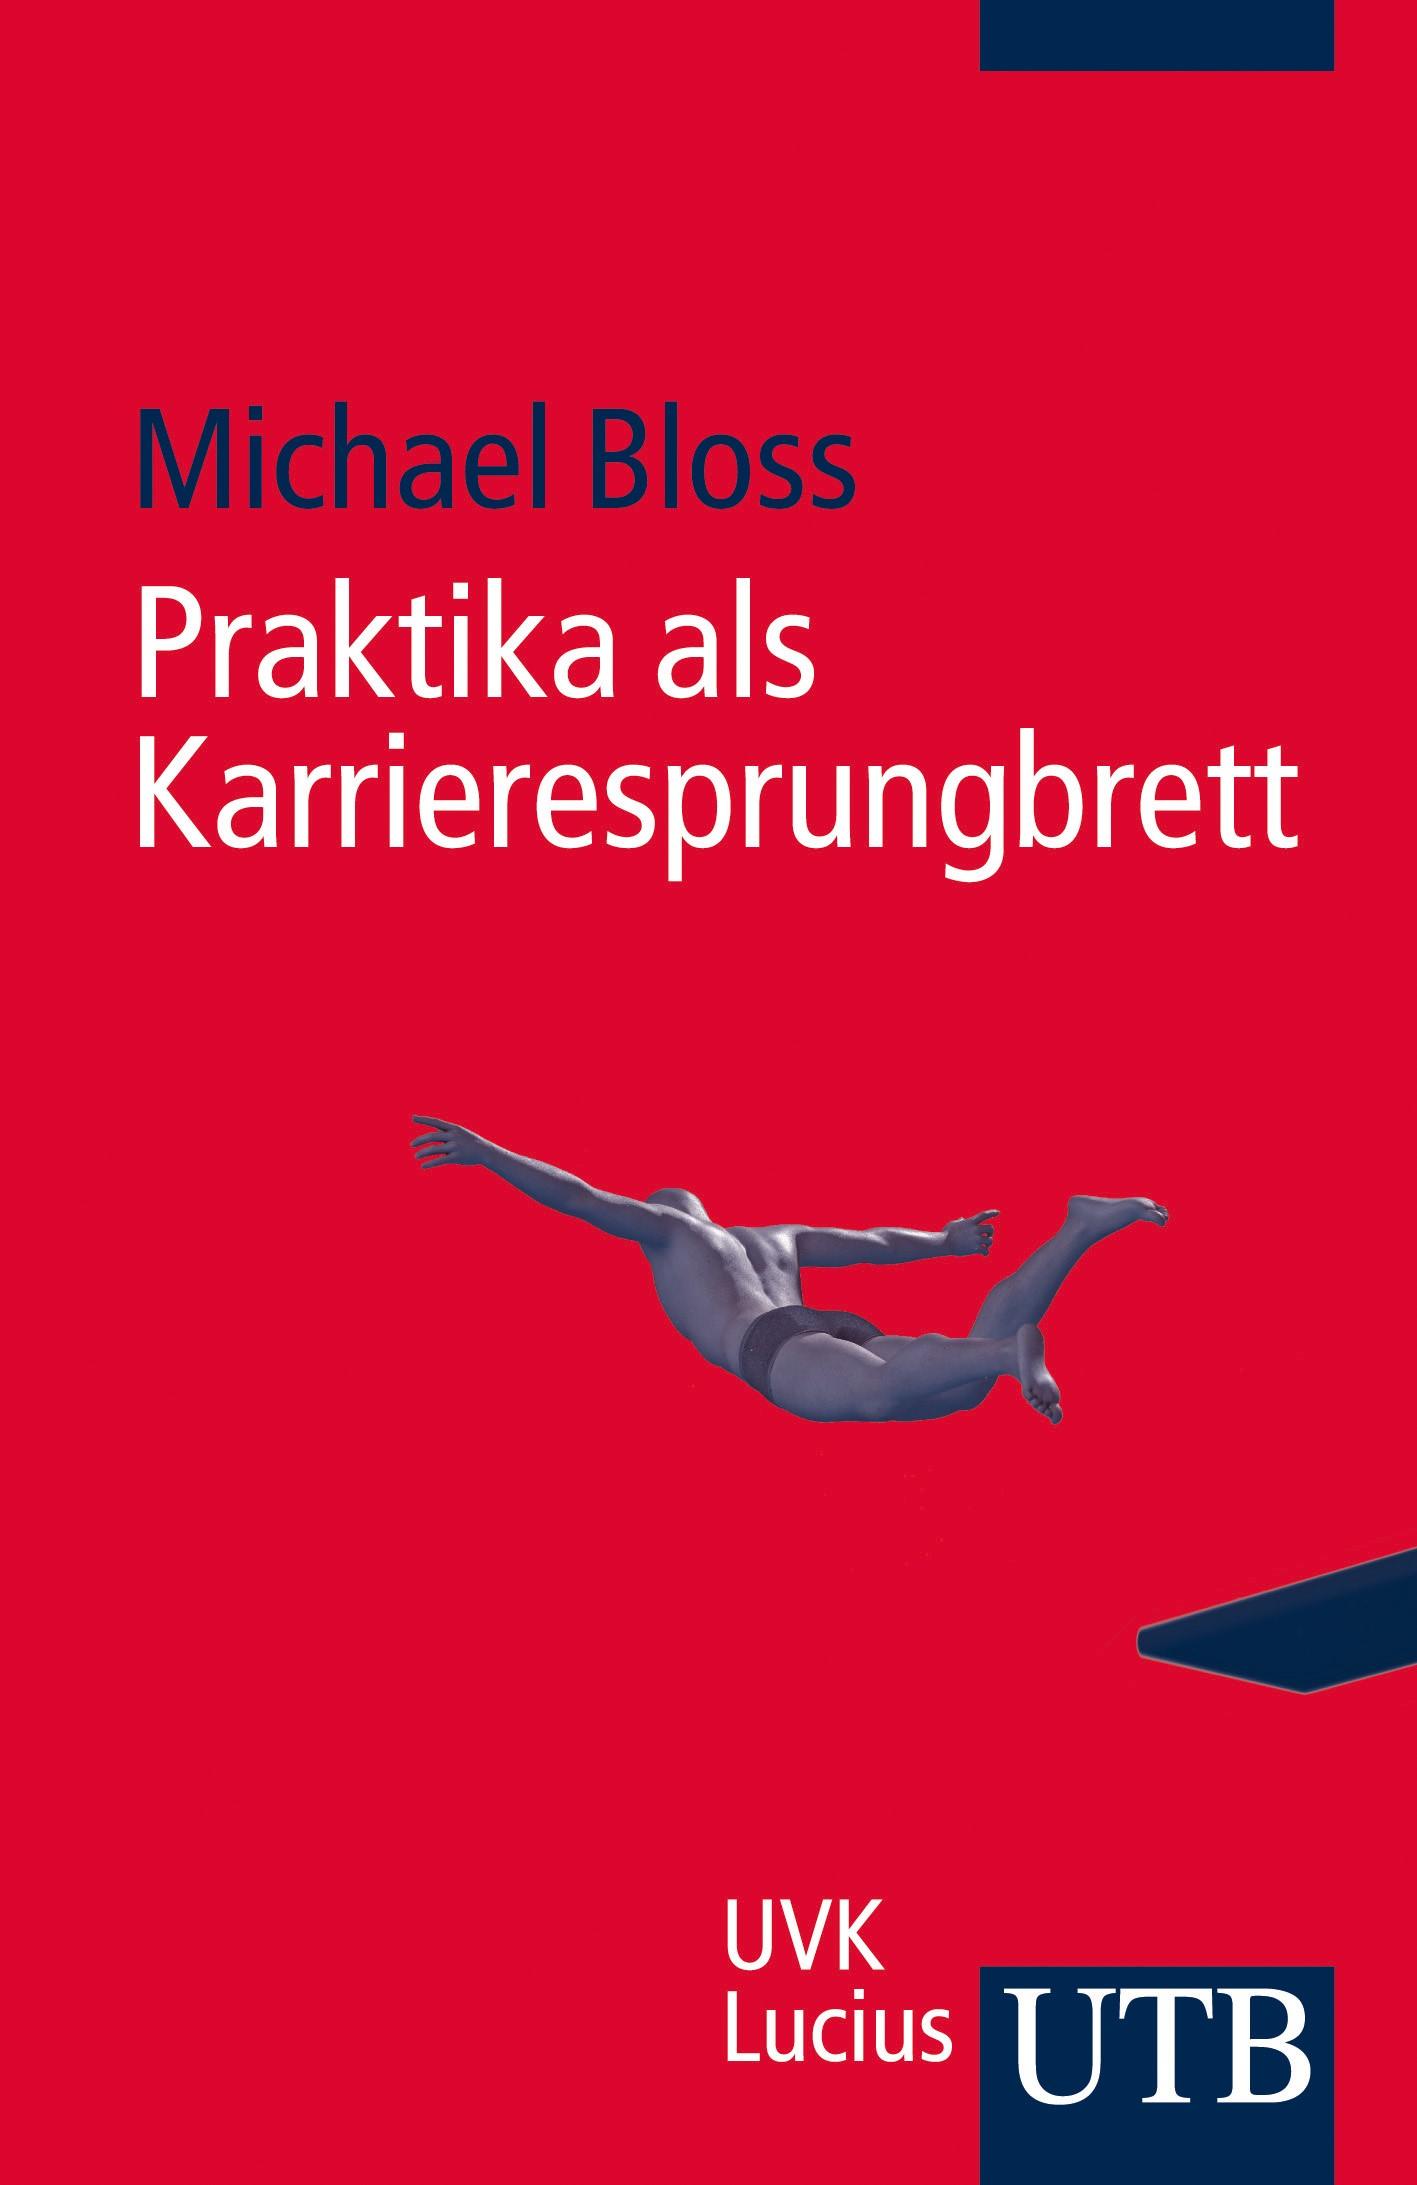 Abbildung von Bloss | Praktika als Karrieresprungbrett | 1. Aufl. | 2014